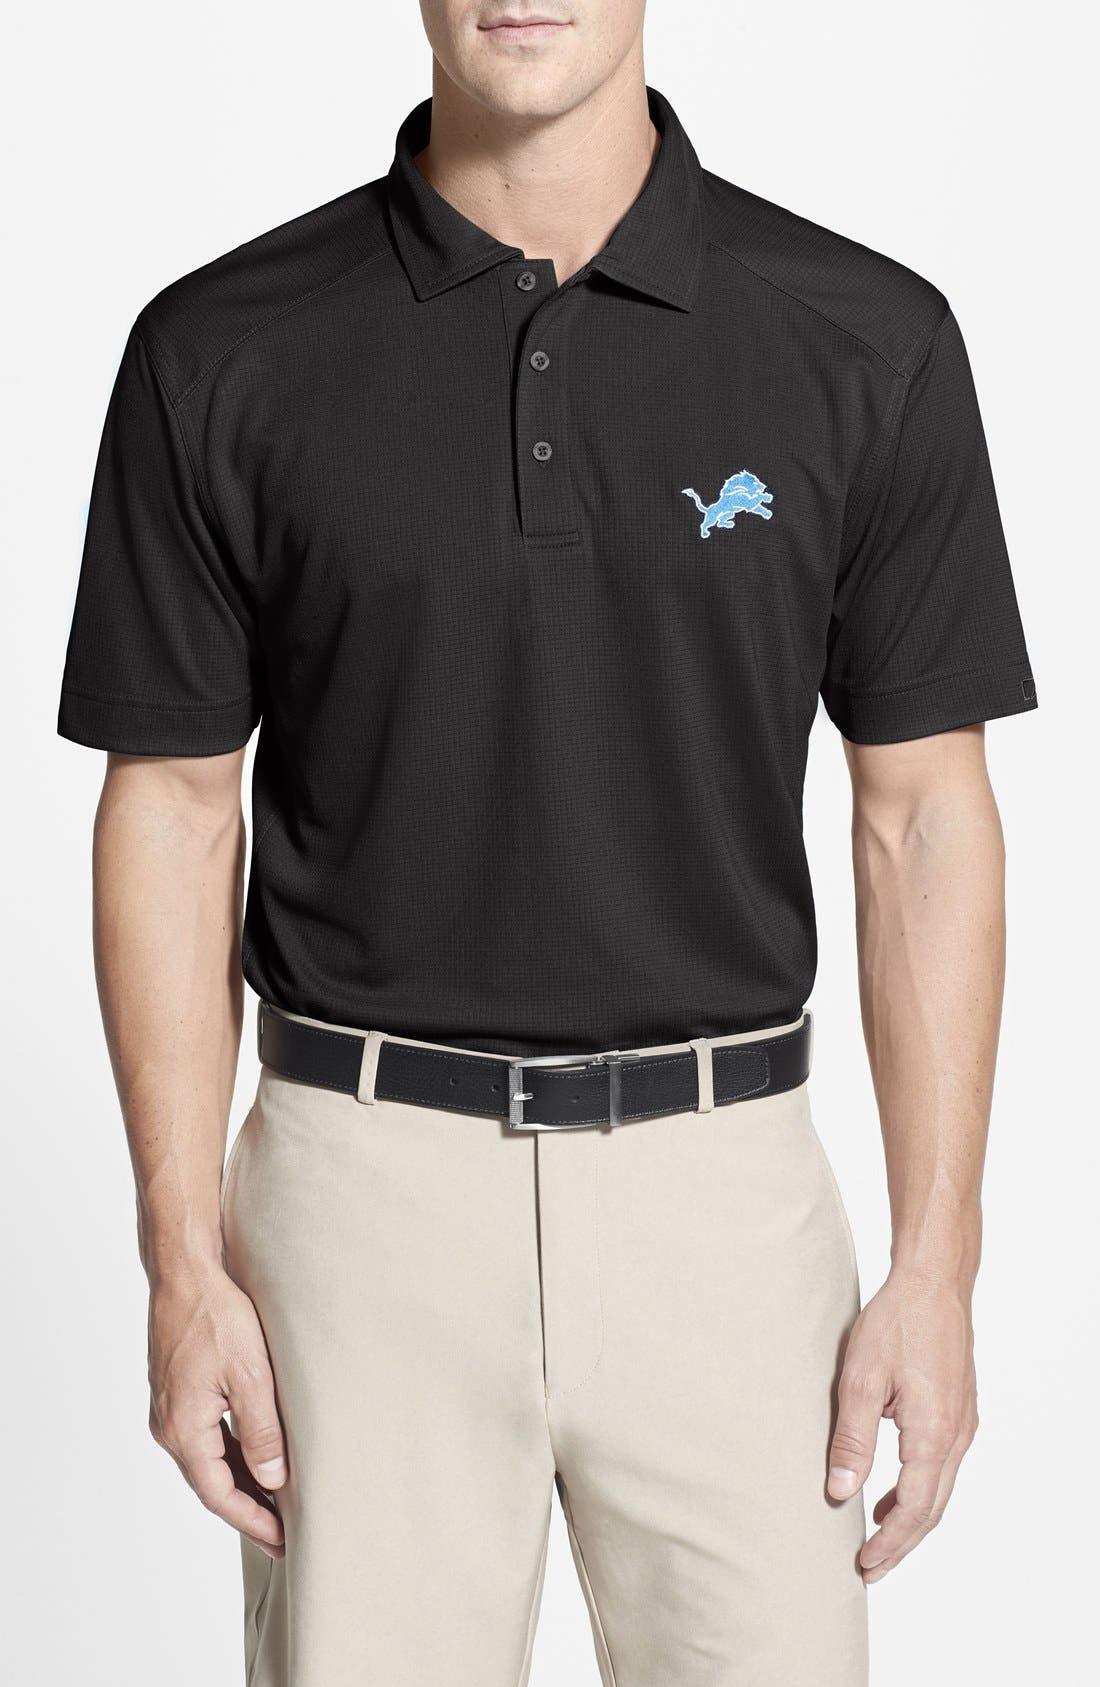 'Detroit Lions - Genre' DryTec Moisture Wicking Polo,                         Main,                         color, Black